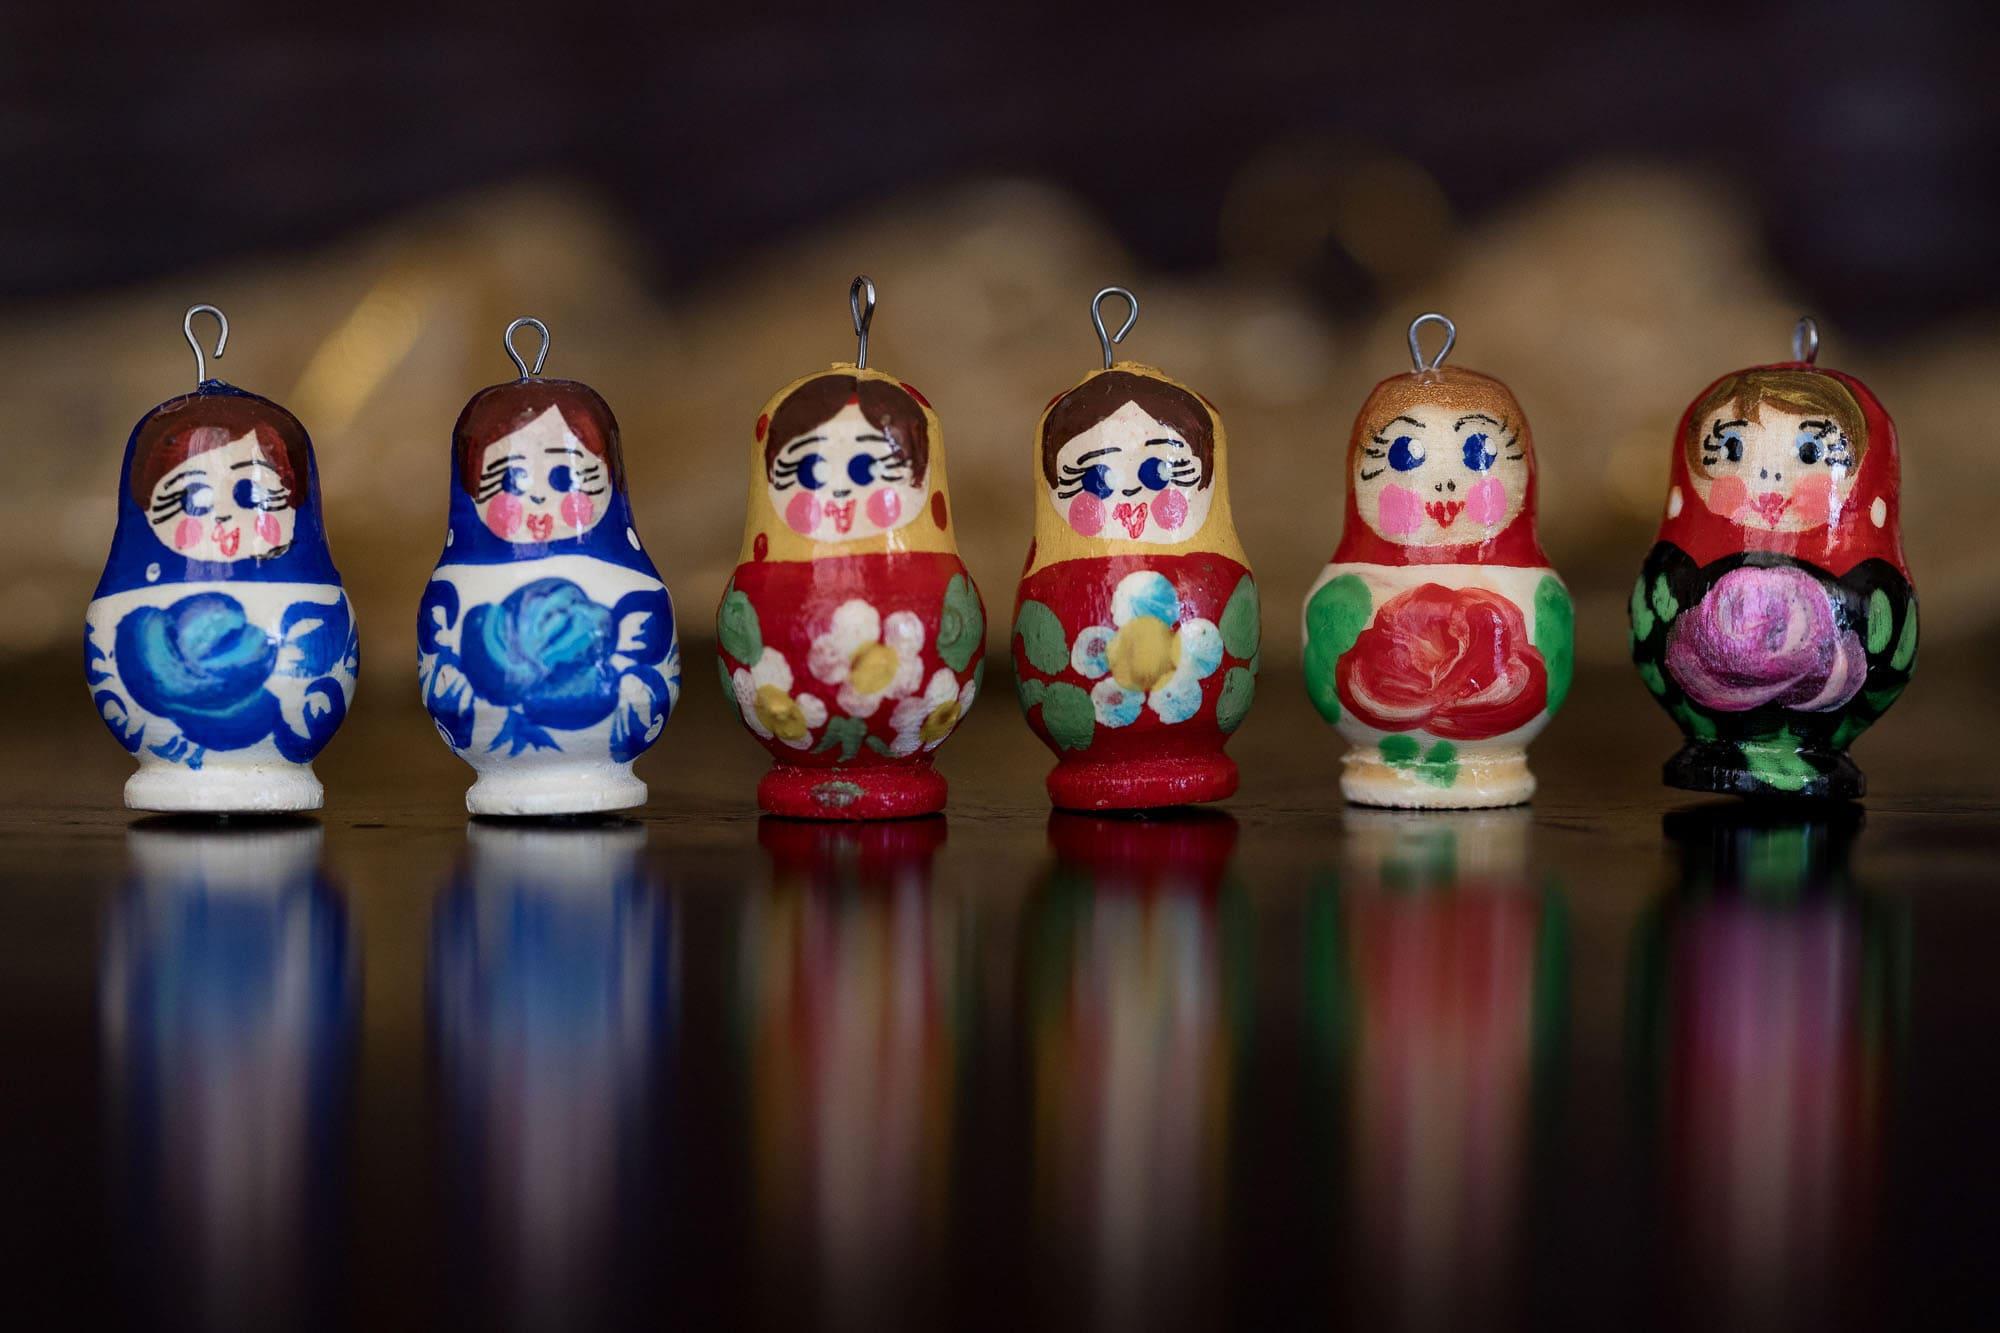 A grouping of wooden Ukrainian dolls